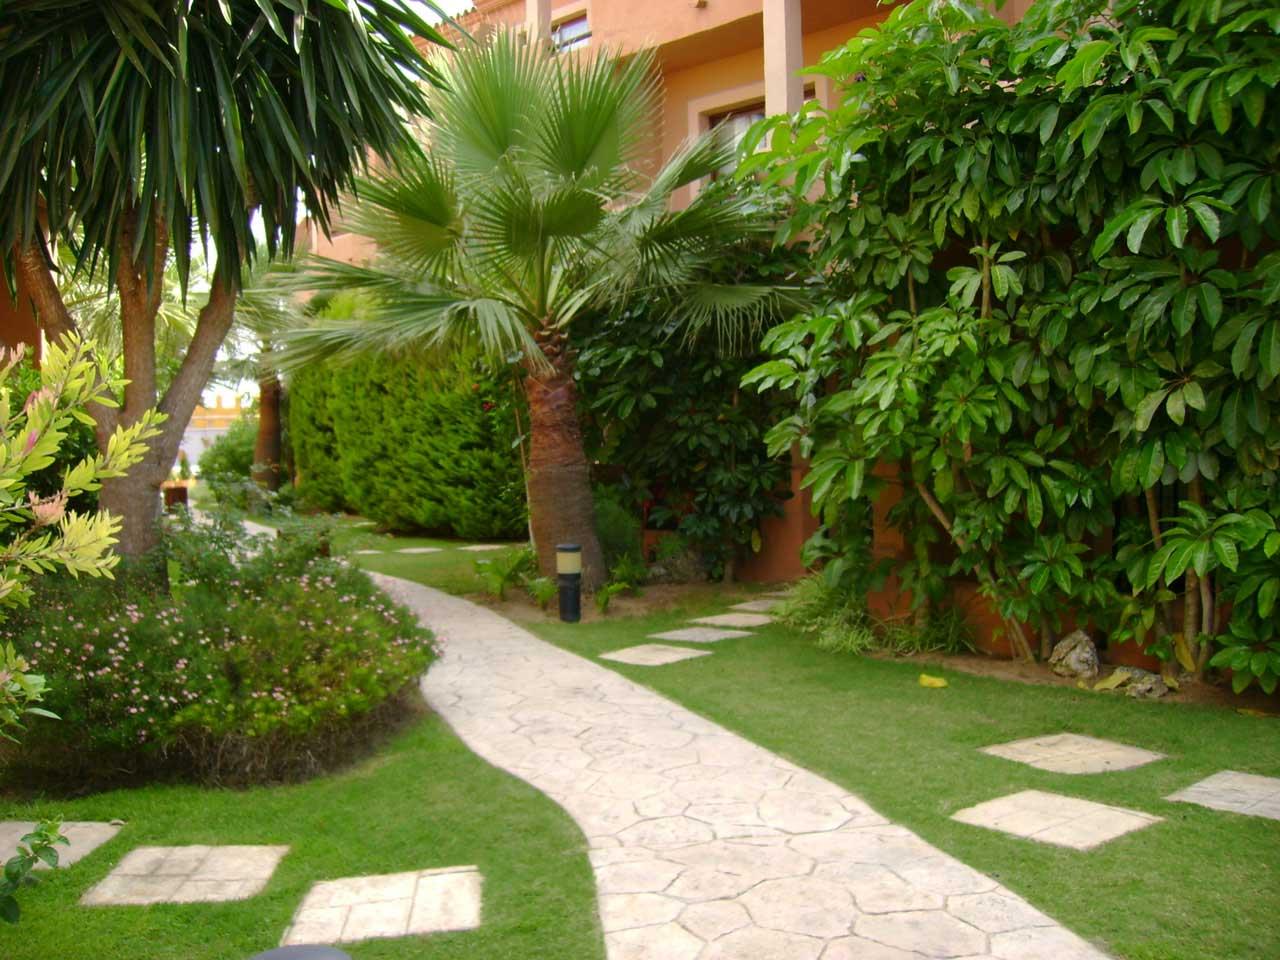 Arte y jardiner a jardiner a ecol gica for Modelos de jardines en casa